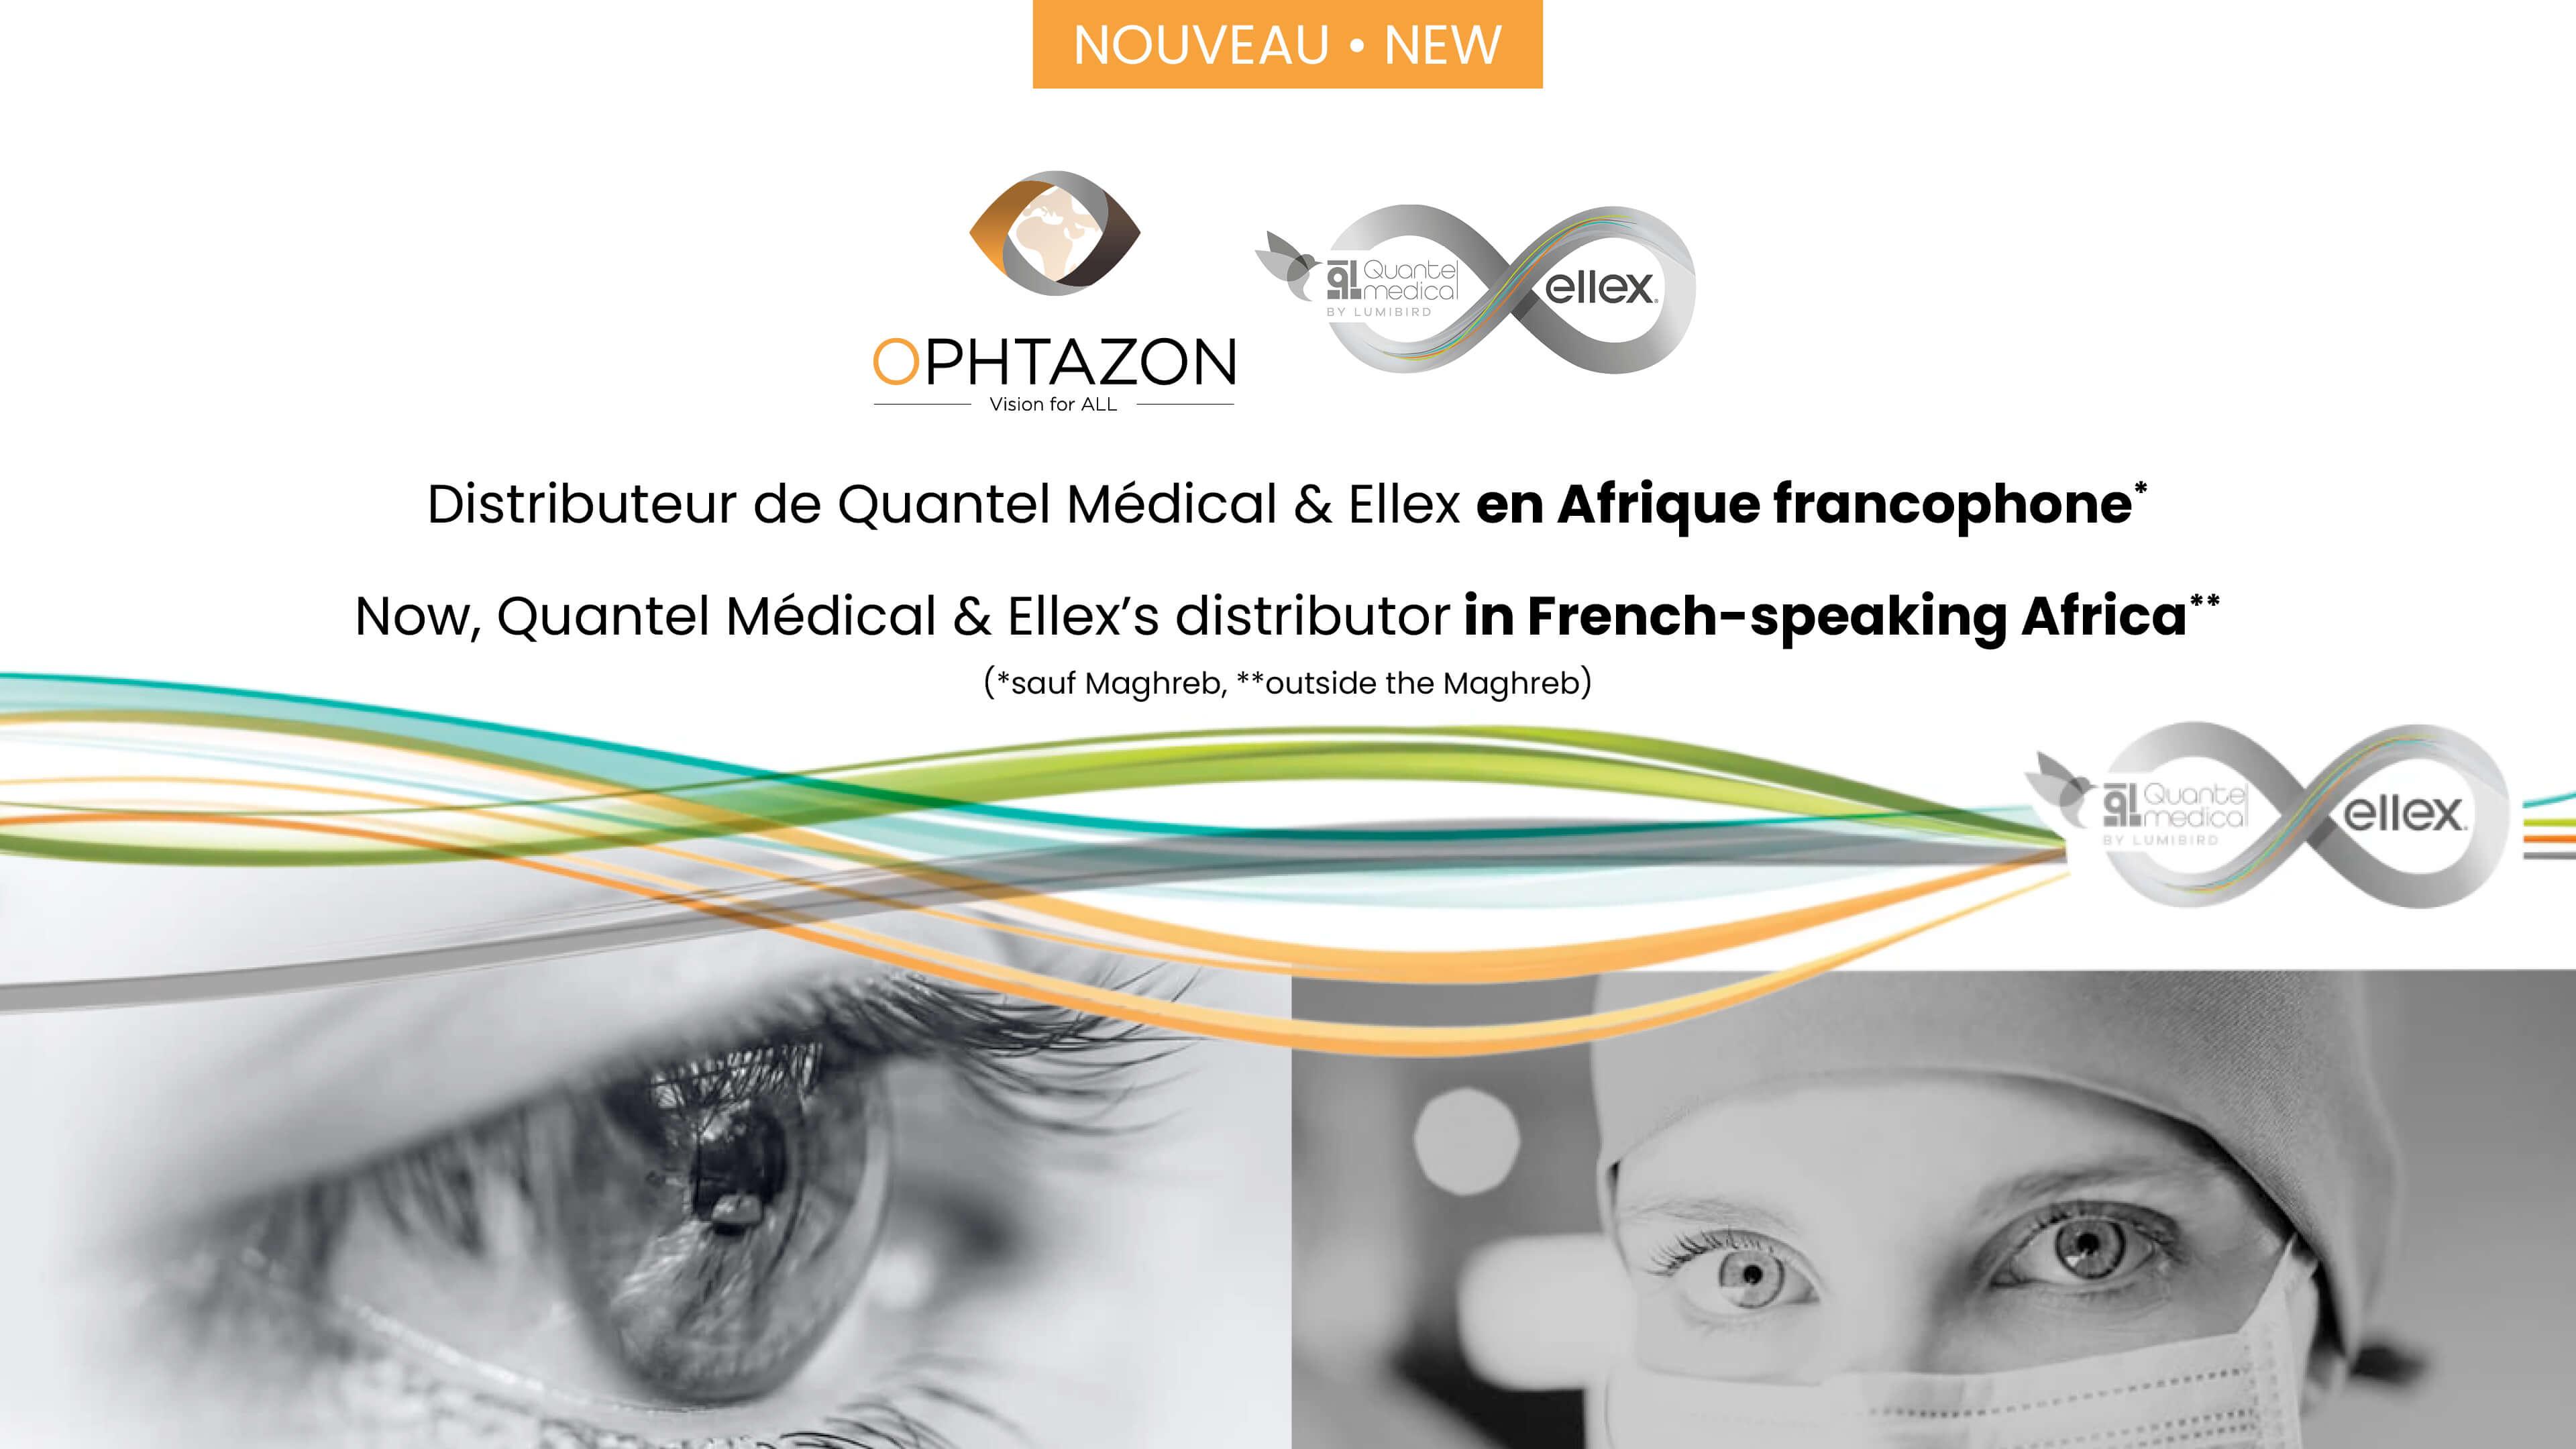 OPHTAZON, distributeur de QUANTEL médical et ELLEX